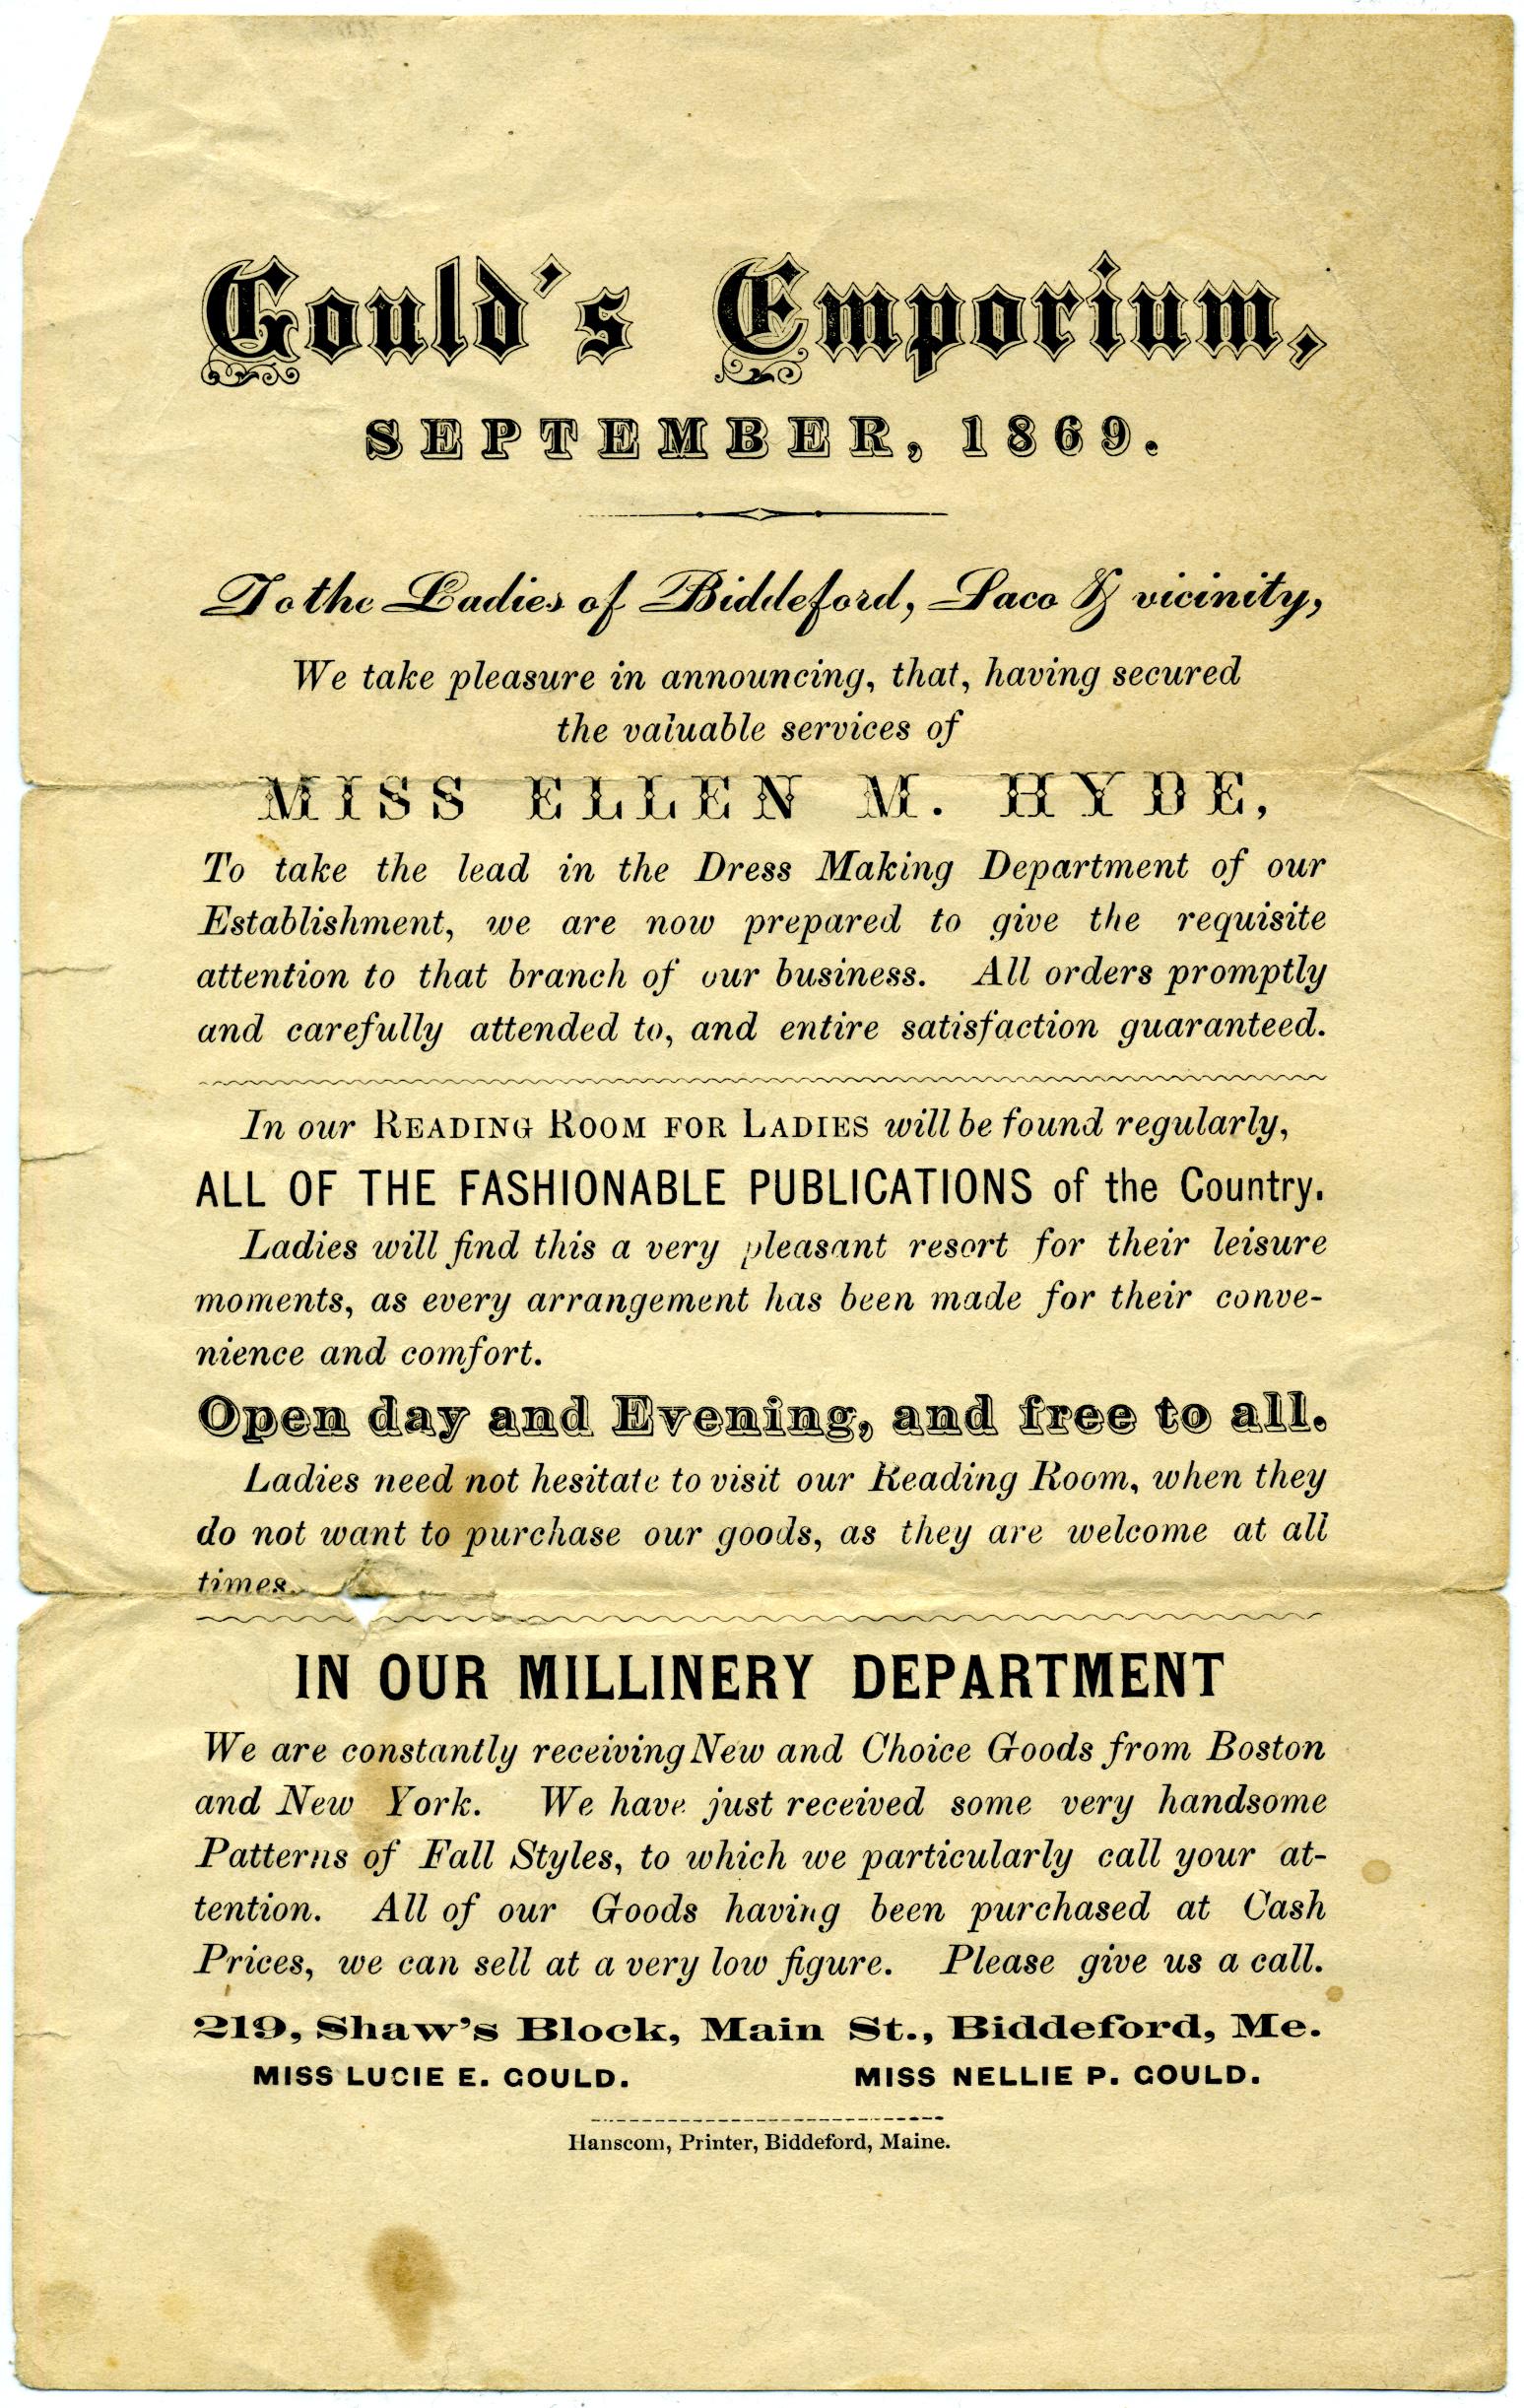 Gould's Emporium advertisement